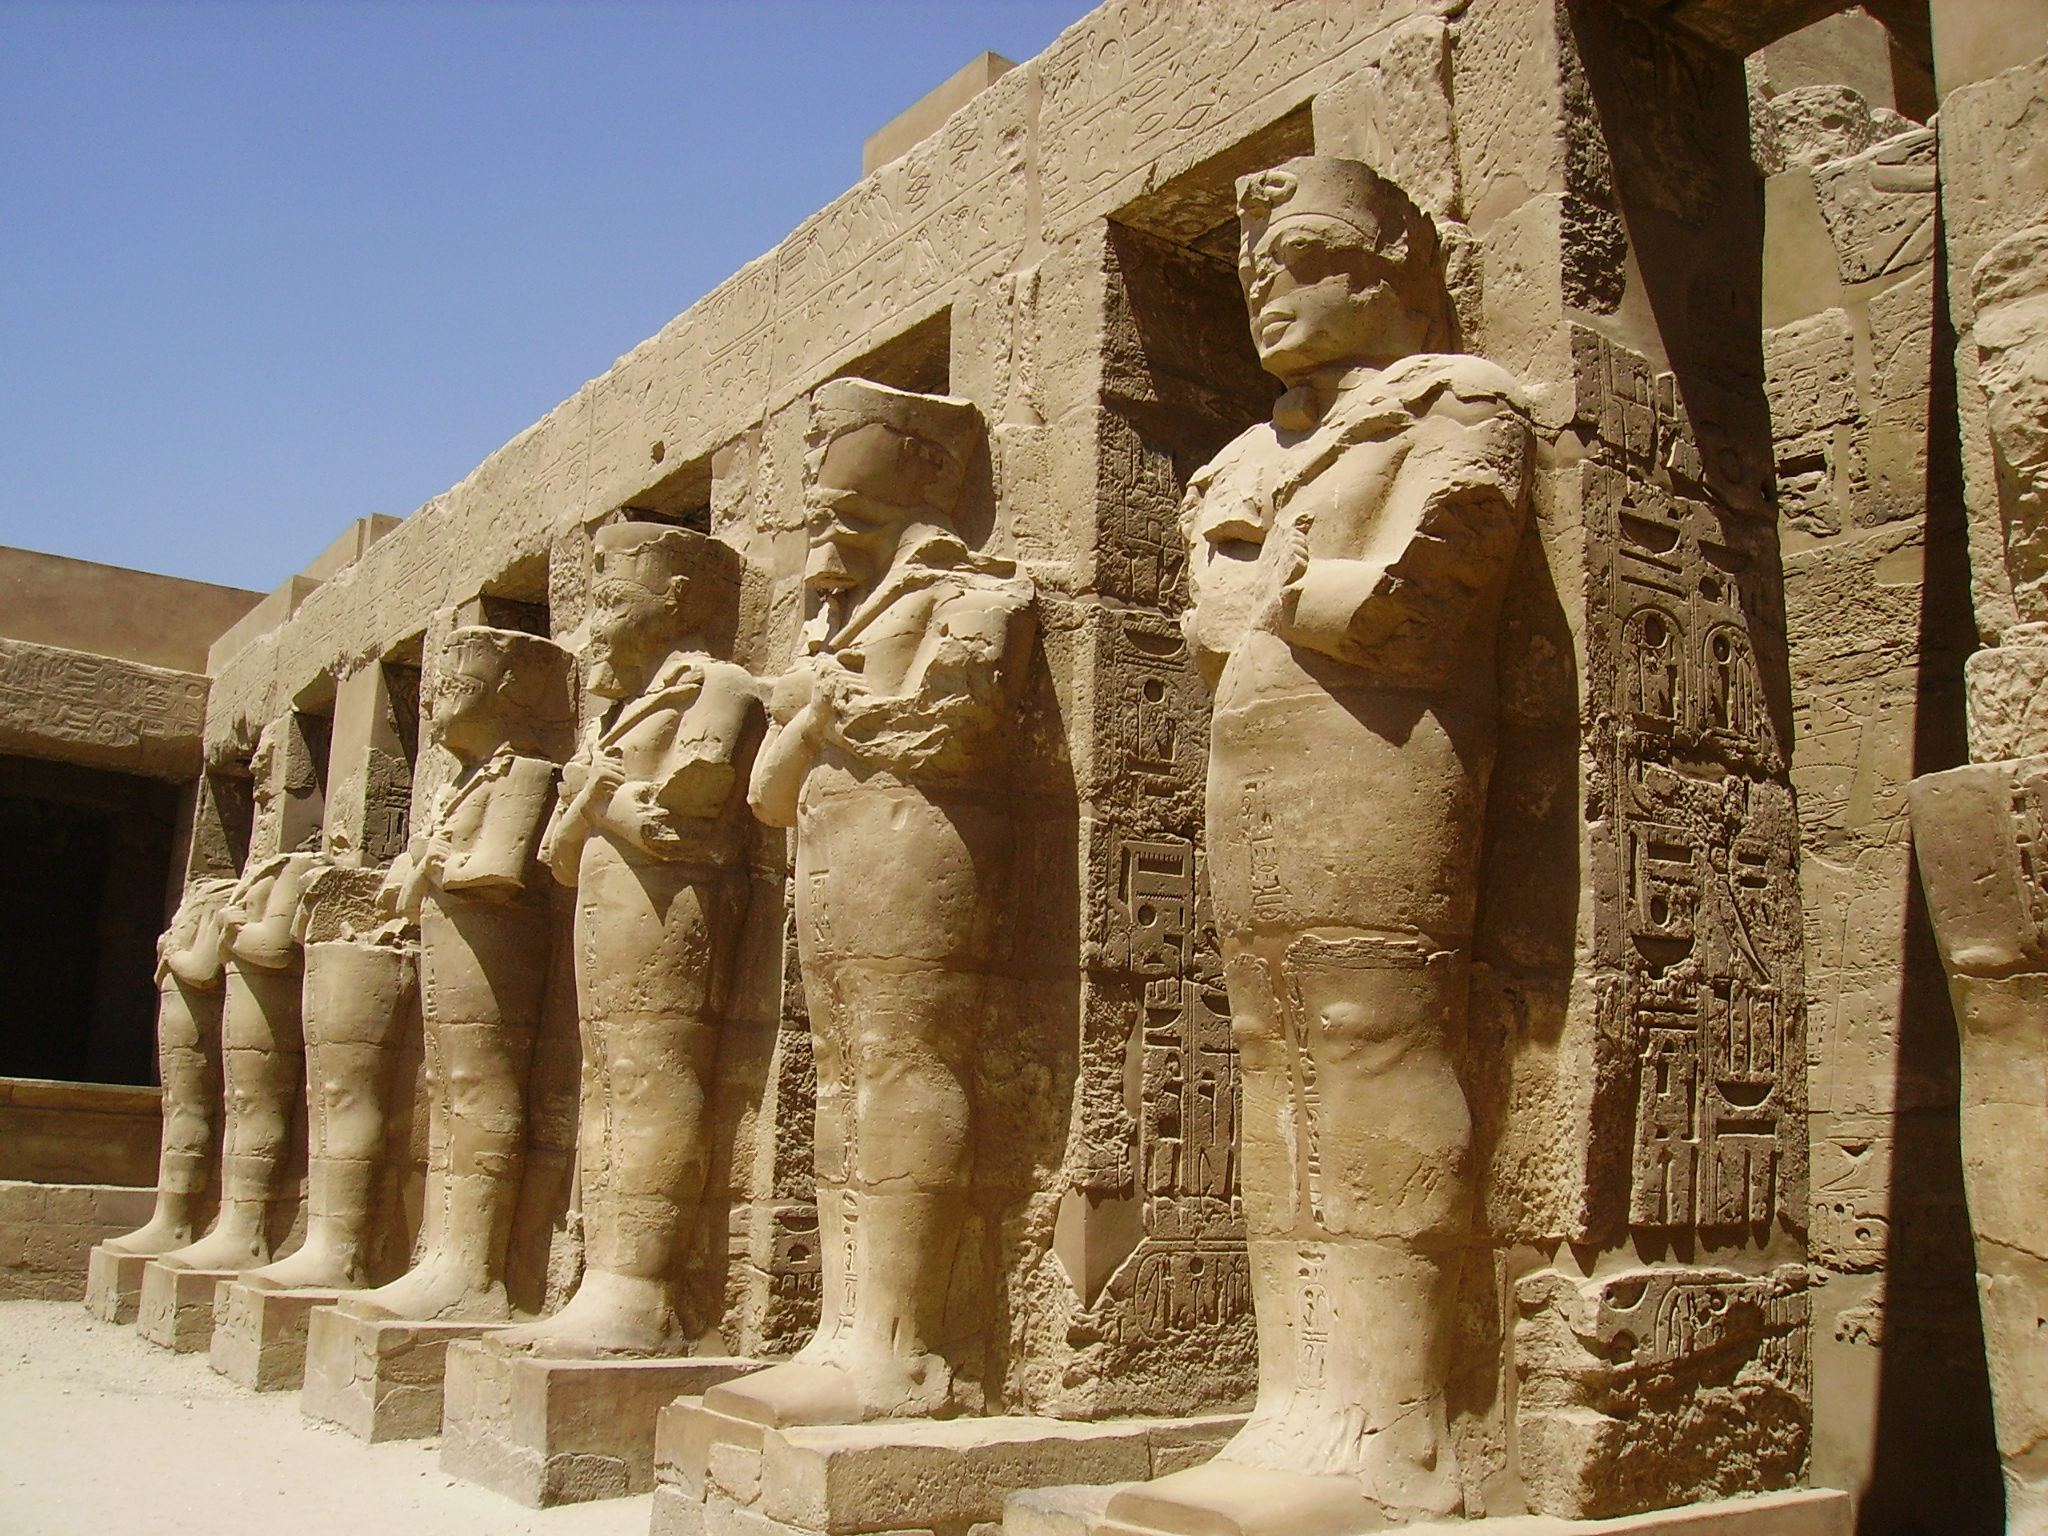 Description Karnak Temple, Egypt.JPG: commons.wikimedia.org/wiki/File:Karnak_Temple,_Egypt.JPG